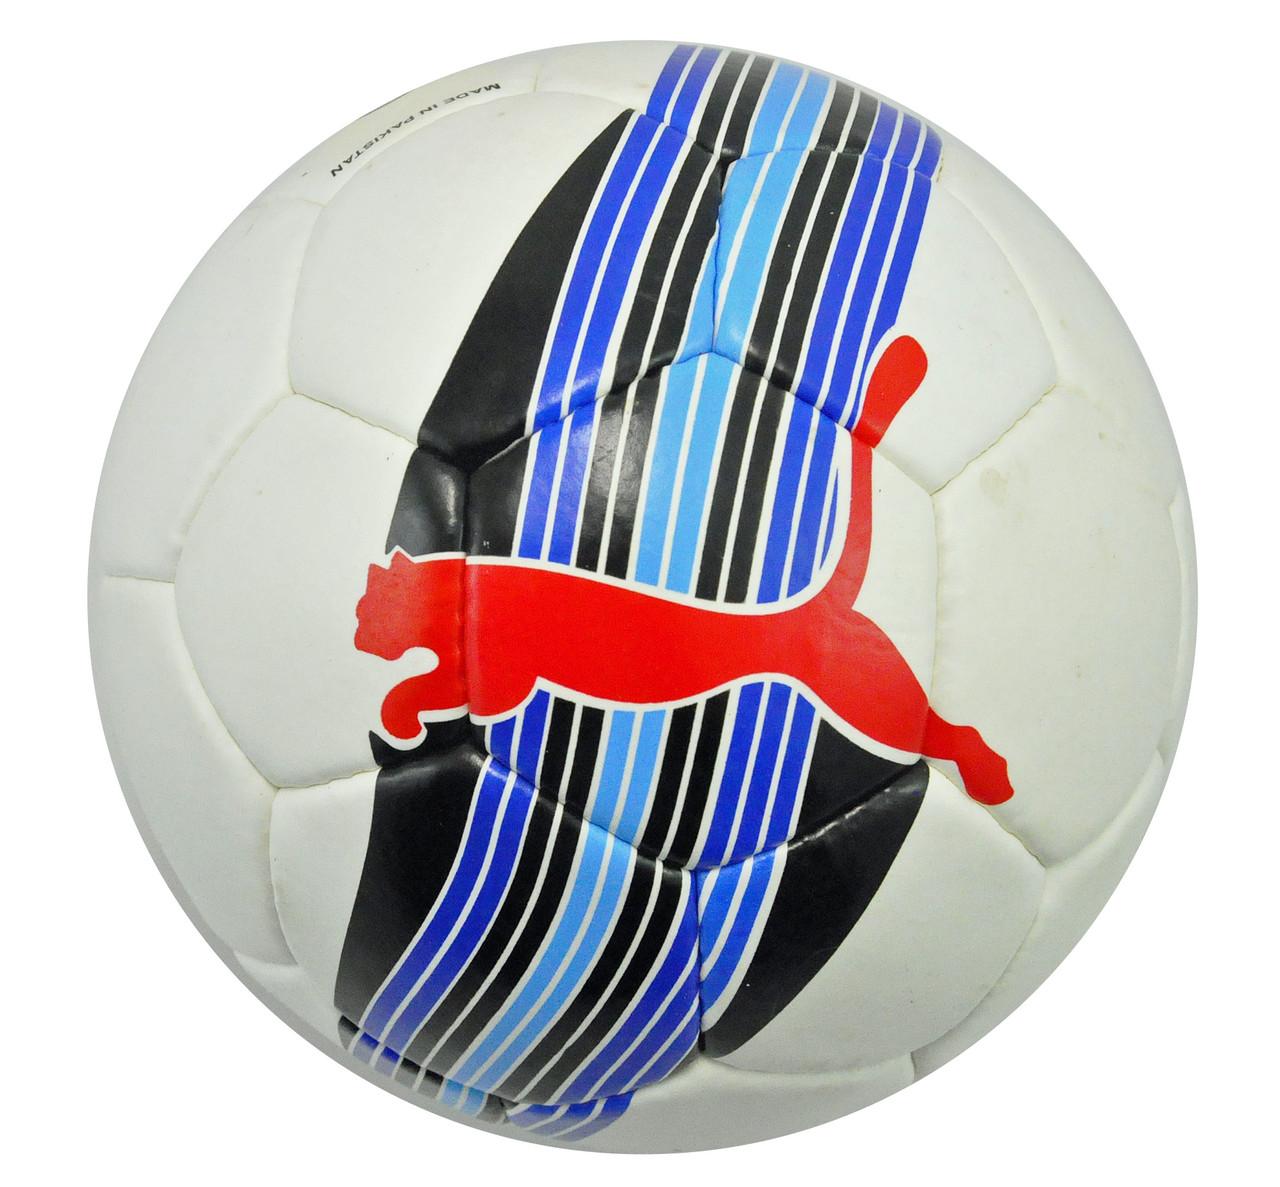 М'яч футбольний Puma Evo Speed 3 FB-0008 розмір 4